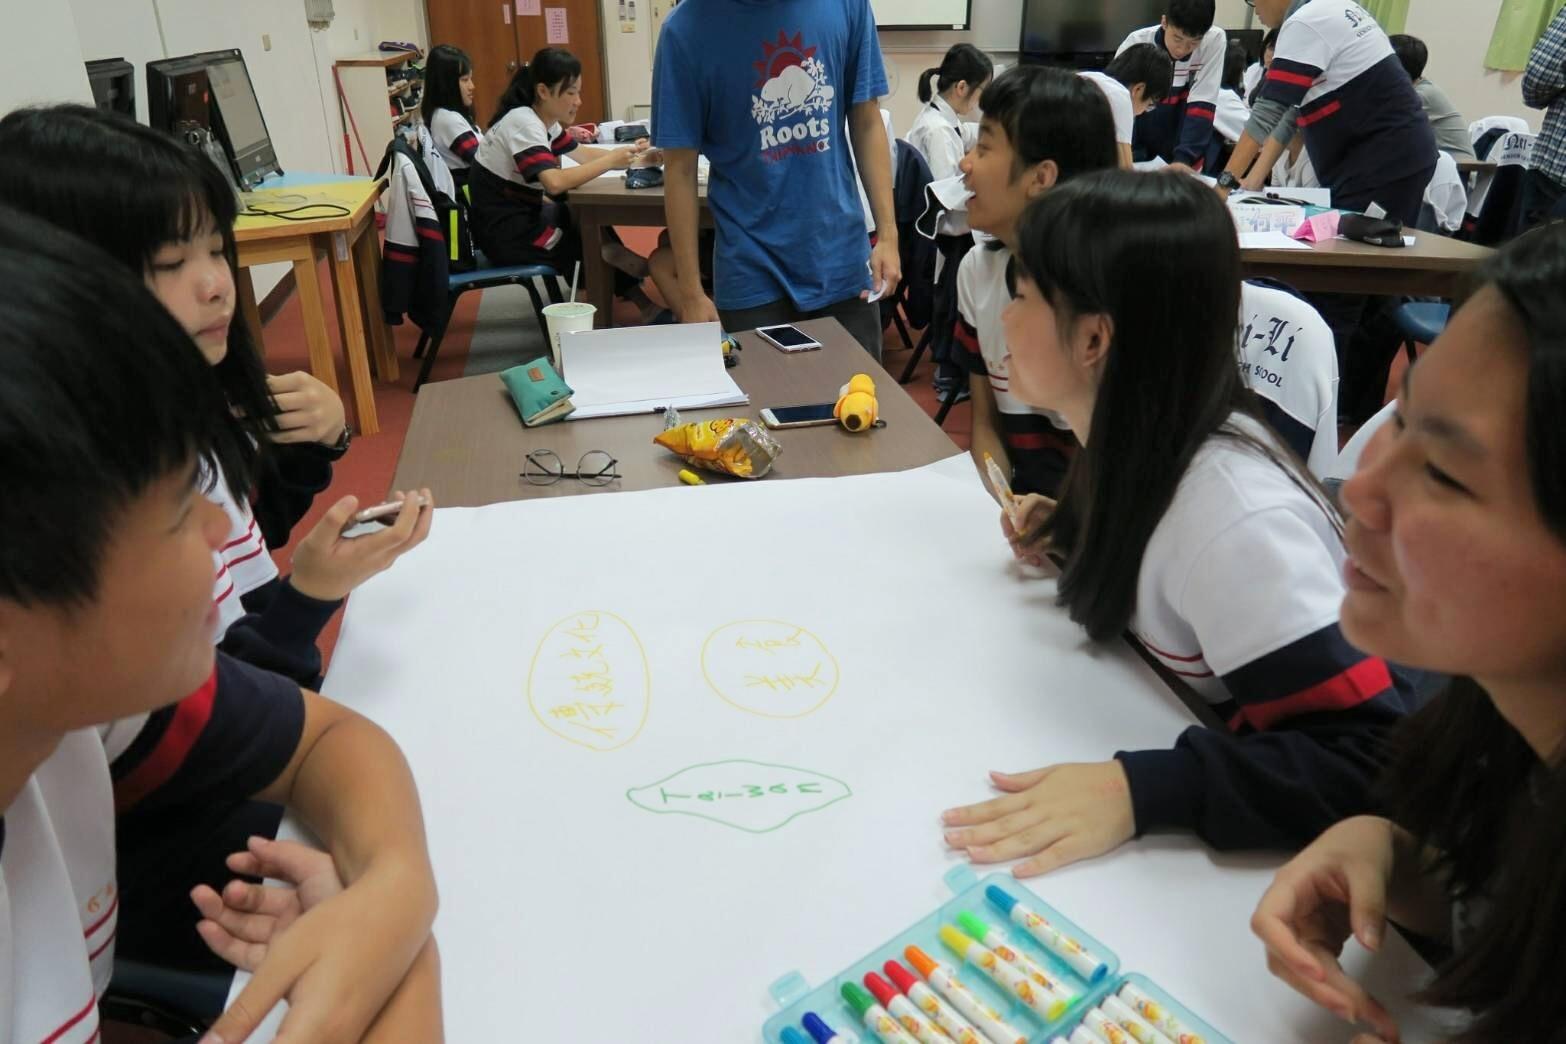 通稿照片-內壢高中團隊則以「創客」為題進行一系列的活動,讓學生透過心智圖等一系列的創意發想課程,打造屬於自己的台灣意象的商品.jpg